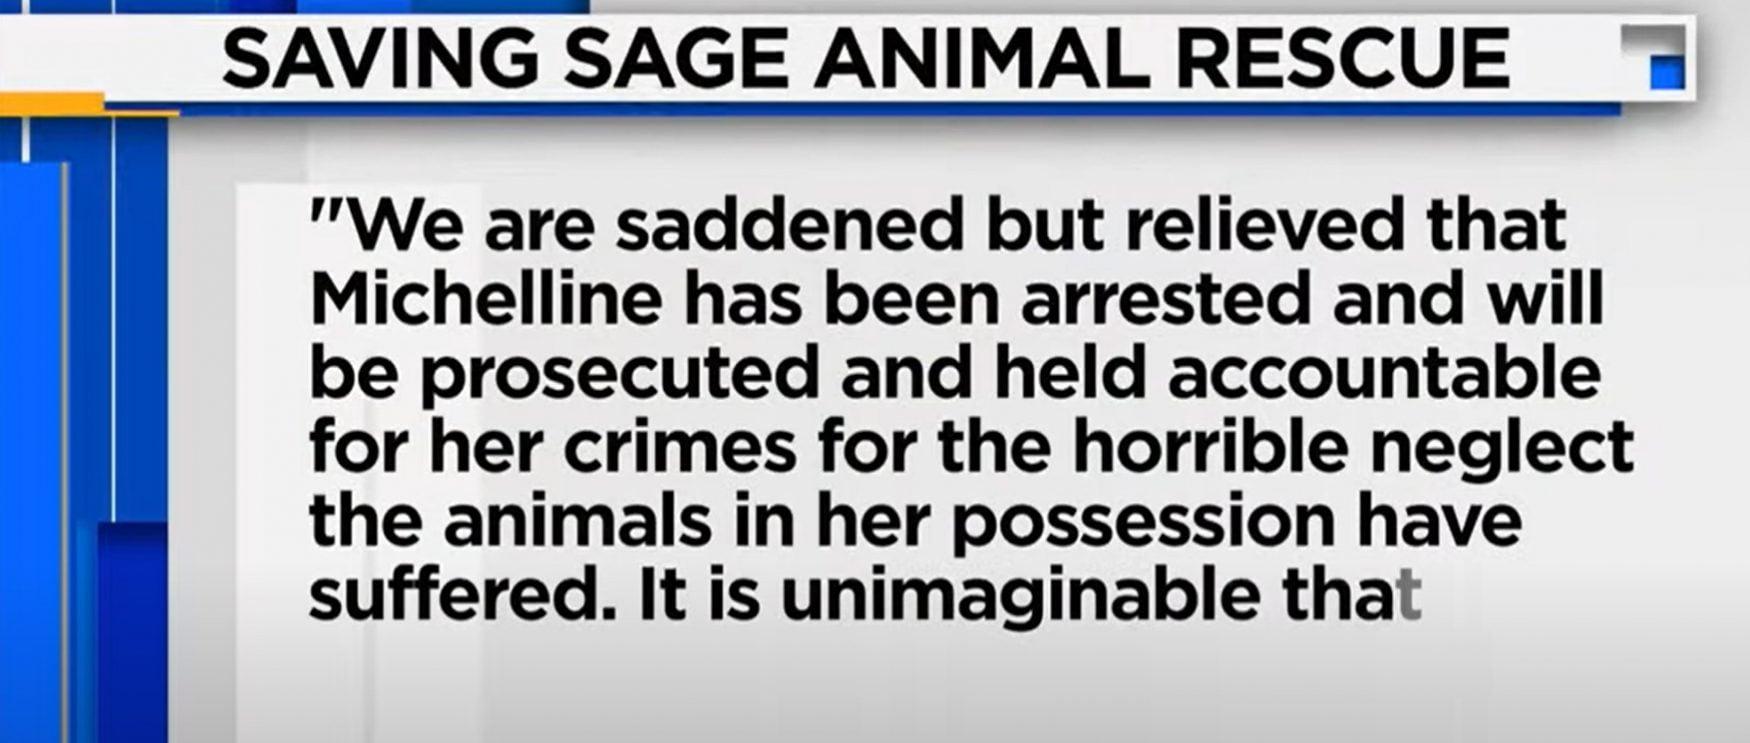 Statement of Sage rescue